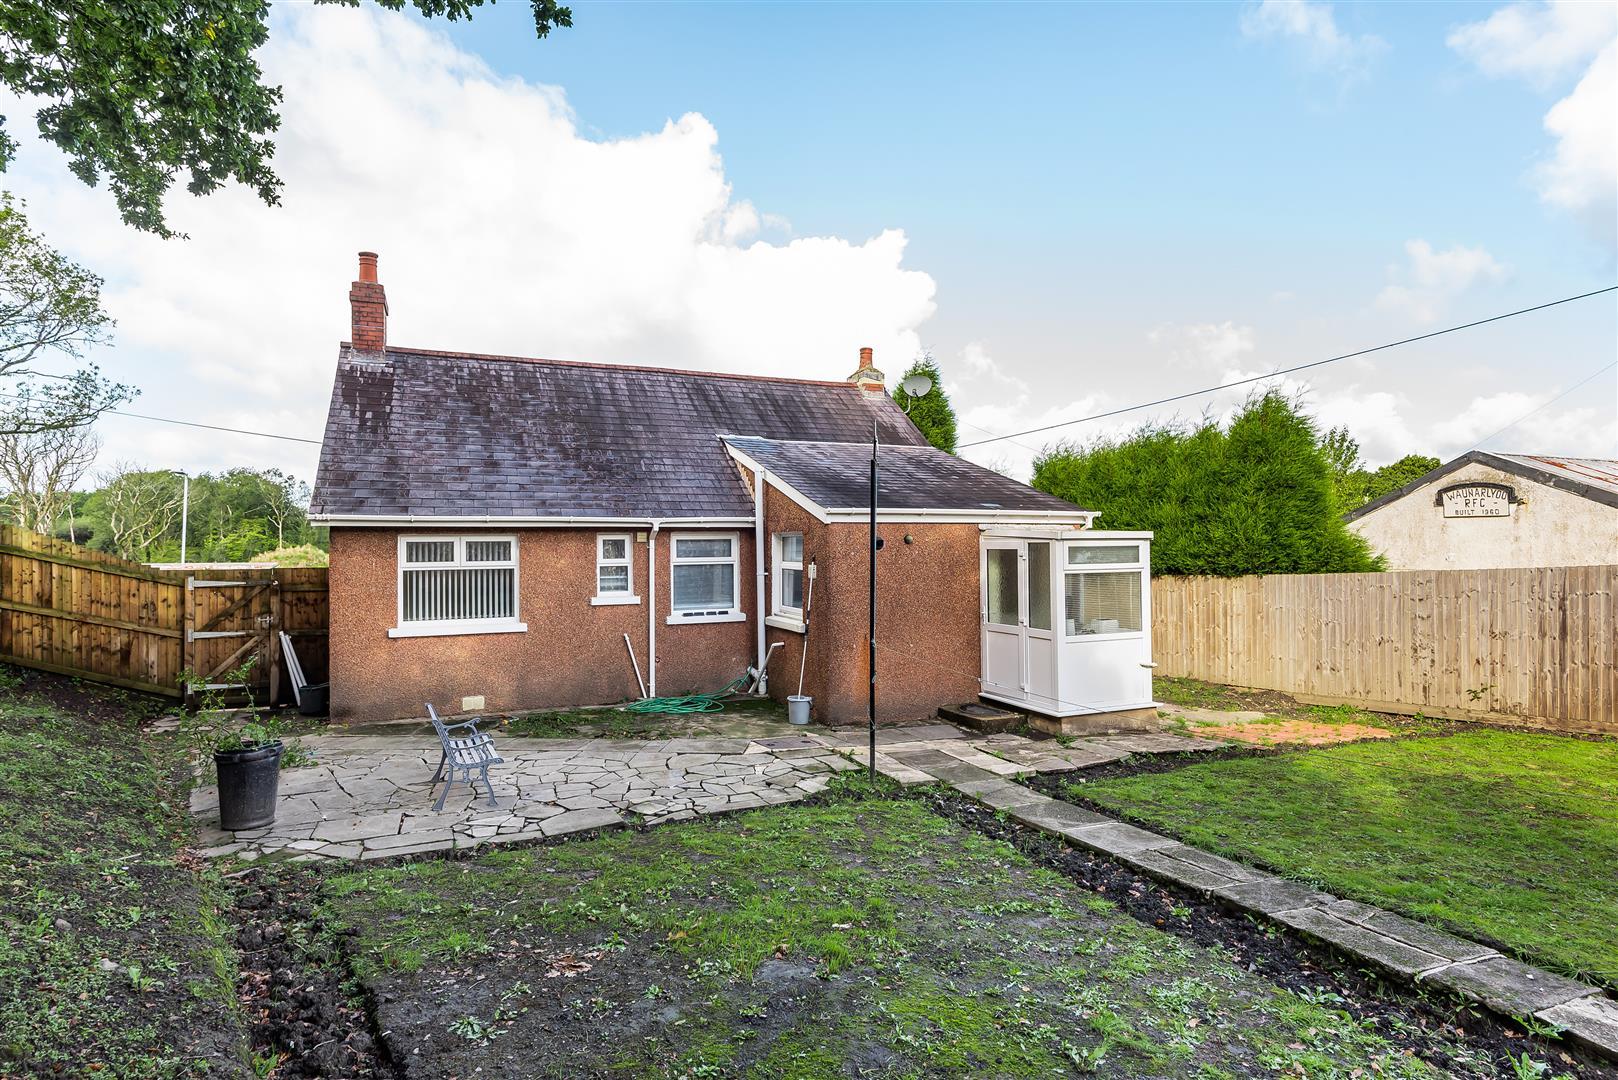 Roseland Road, Waunarlwydd, Swansea, SA5 4ST